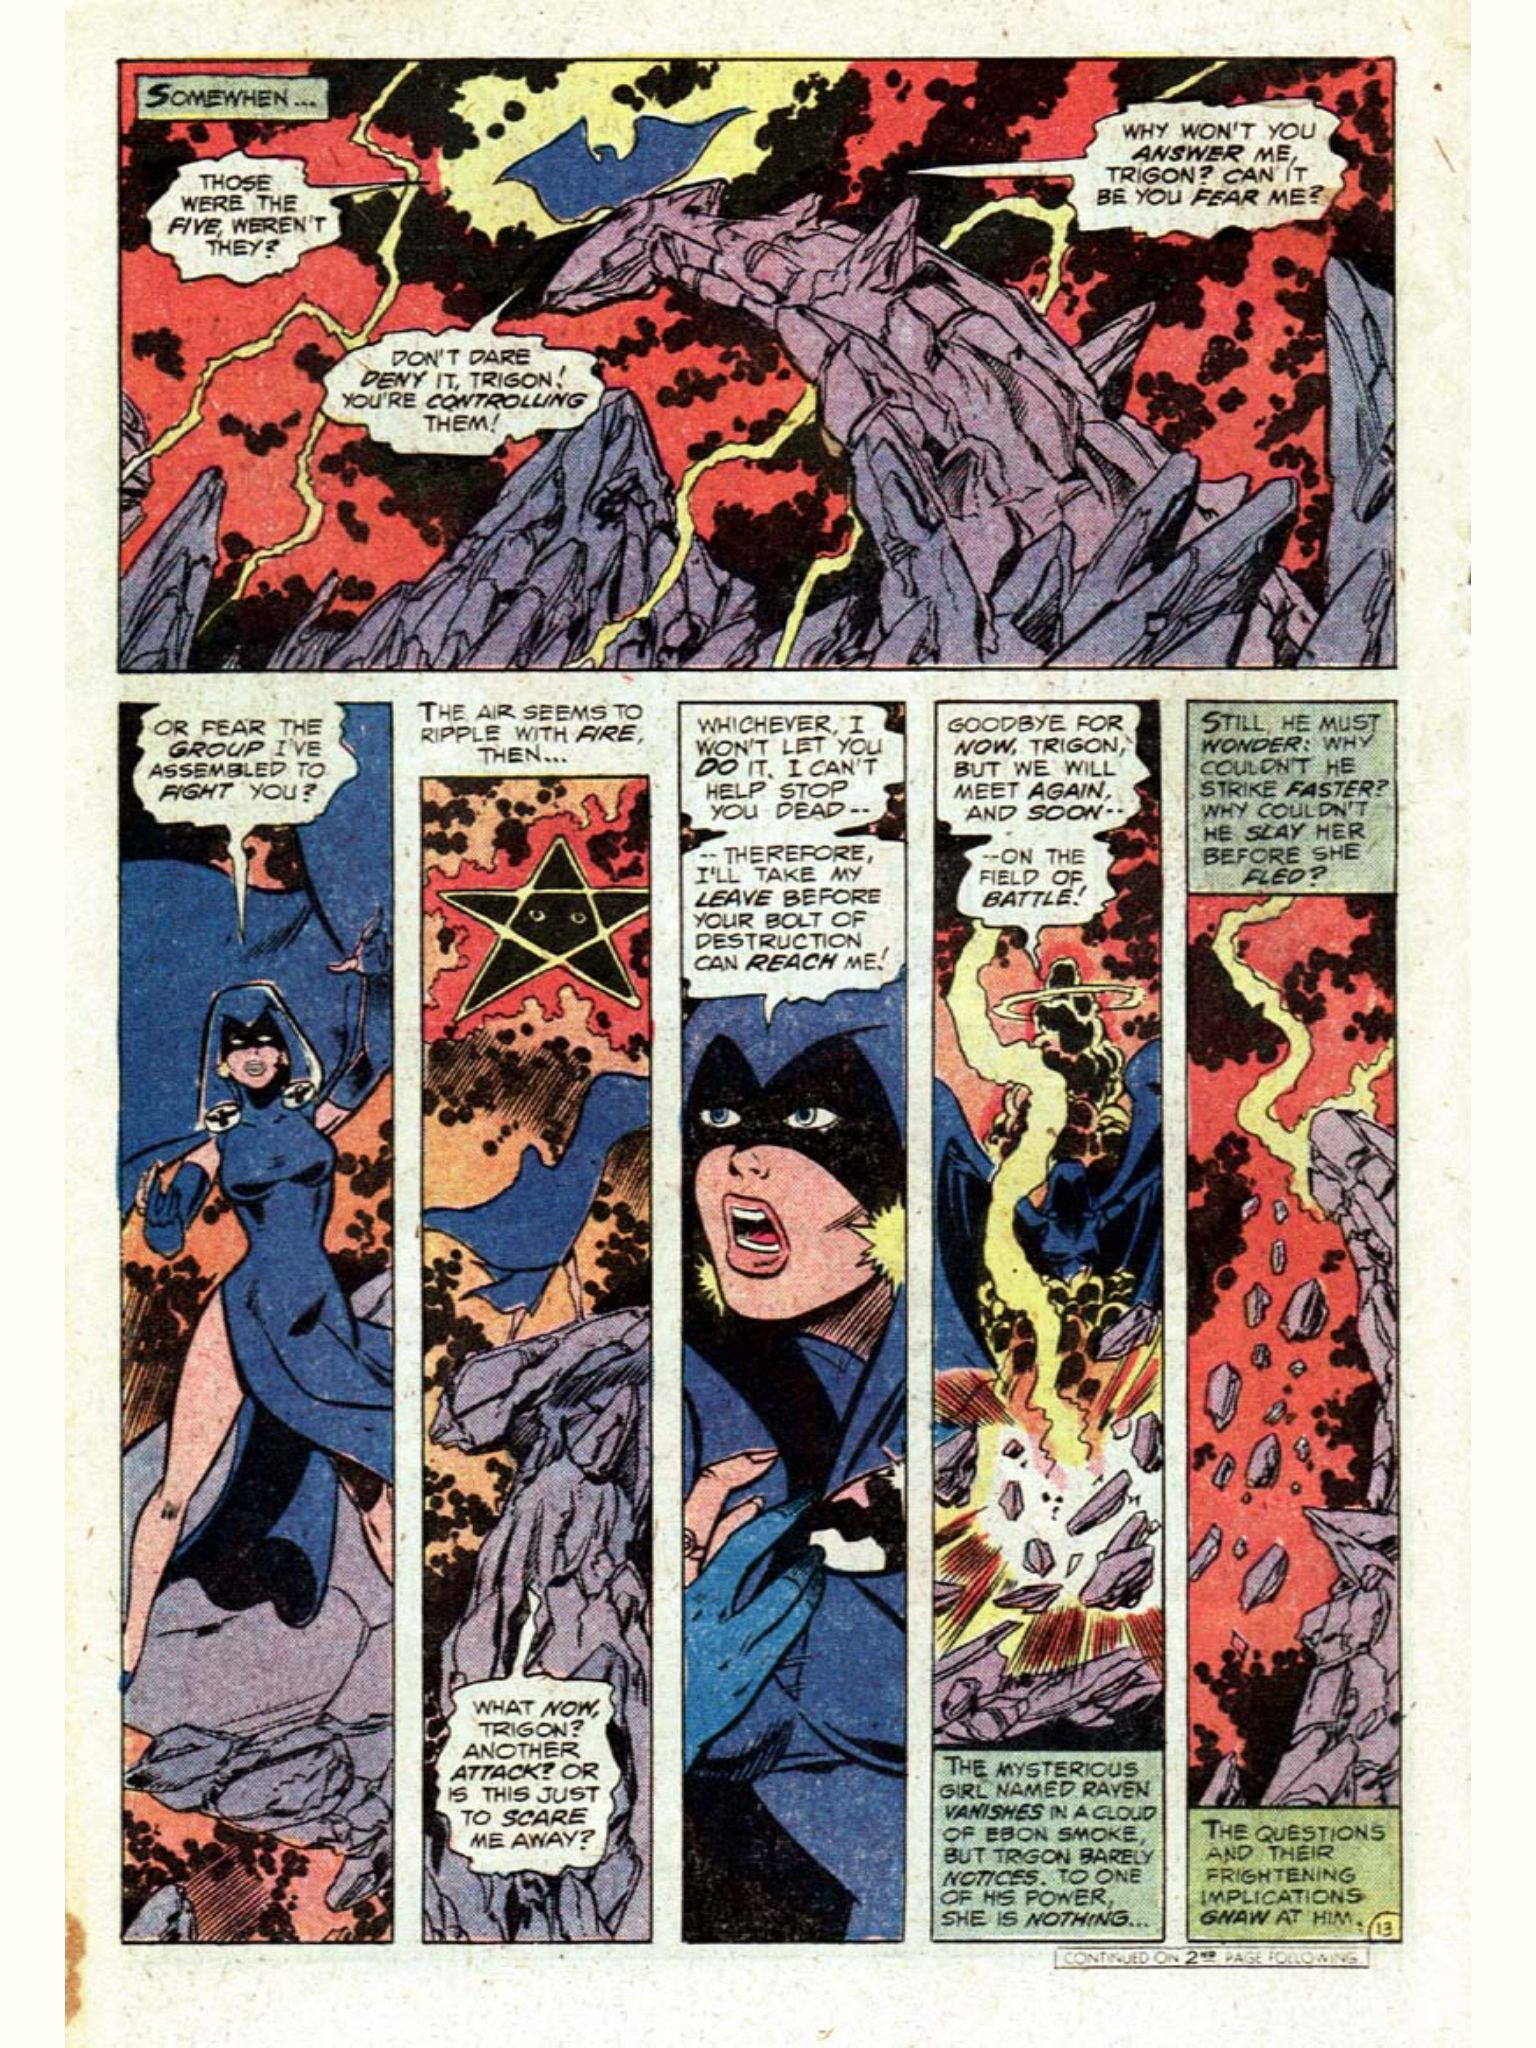 TALES OF NEW TEEN TITANS #48 NEAR MINT 1980